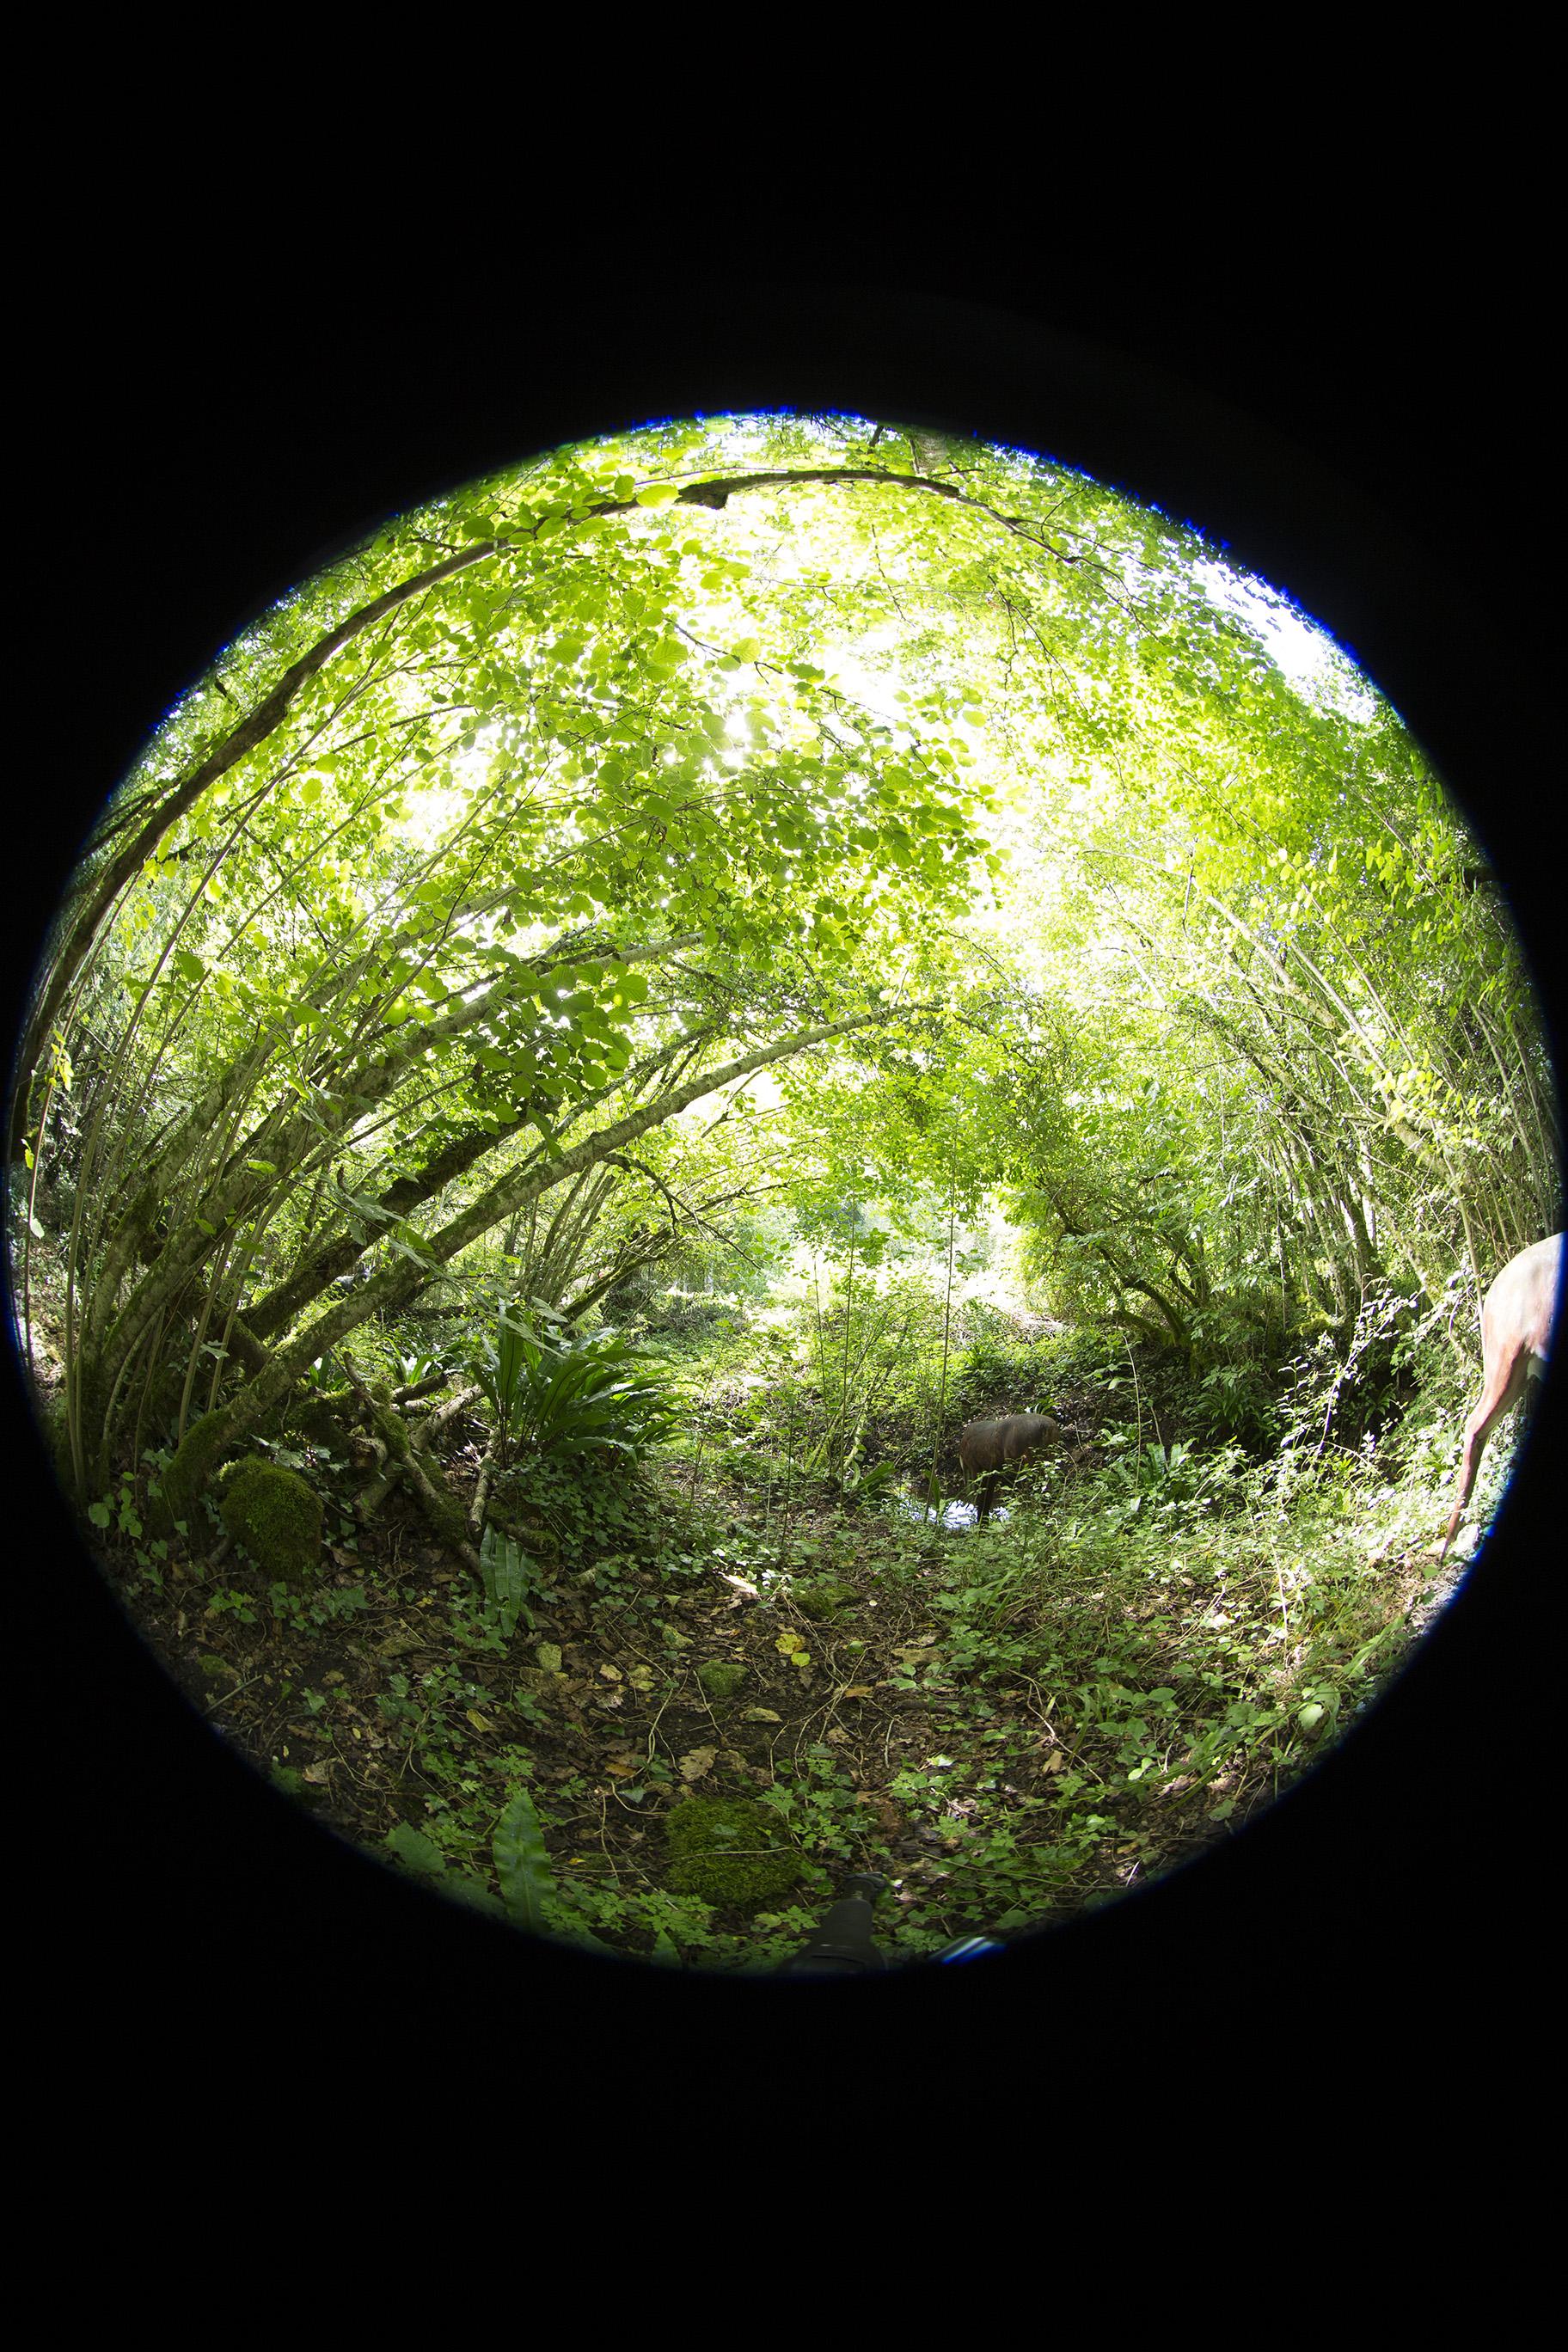 creer-une-visite-virtuelle.com_HDR_Roc_de_cazelle-12.jpg